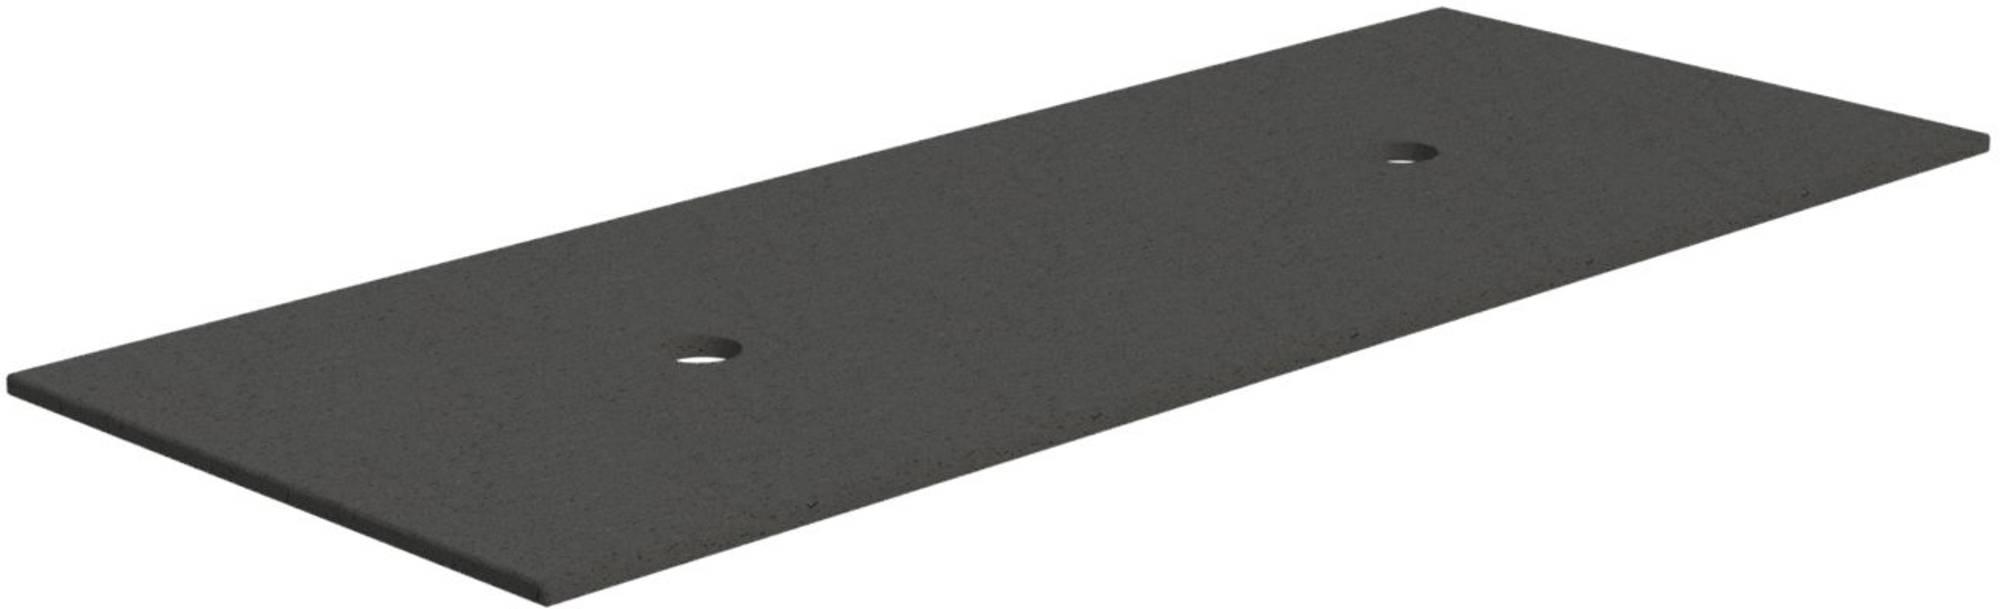 Thebalux Stone 3-5 Afdekblad Composiet 120x48,5x1,3 cm Ash Grain